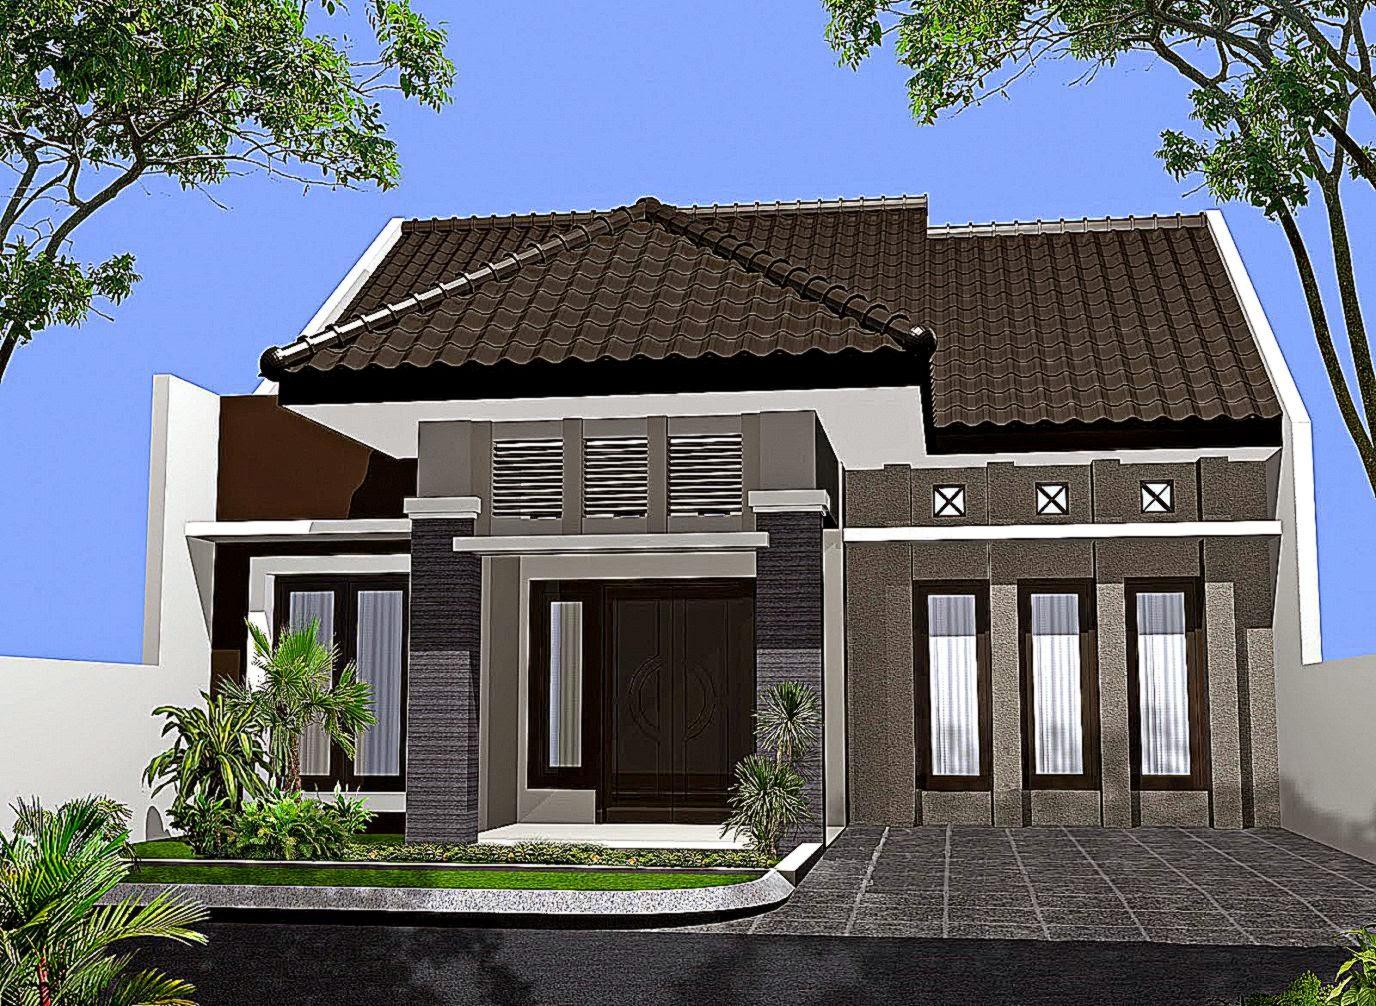 Top Contoh Warna Cat Rumah Sederhana  Informasi Desain dan Tipe Rumah